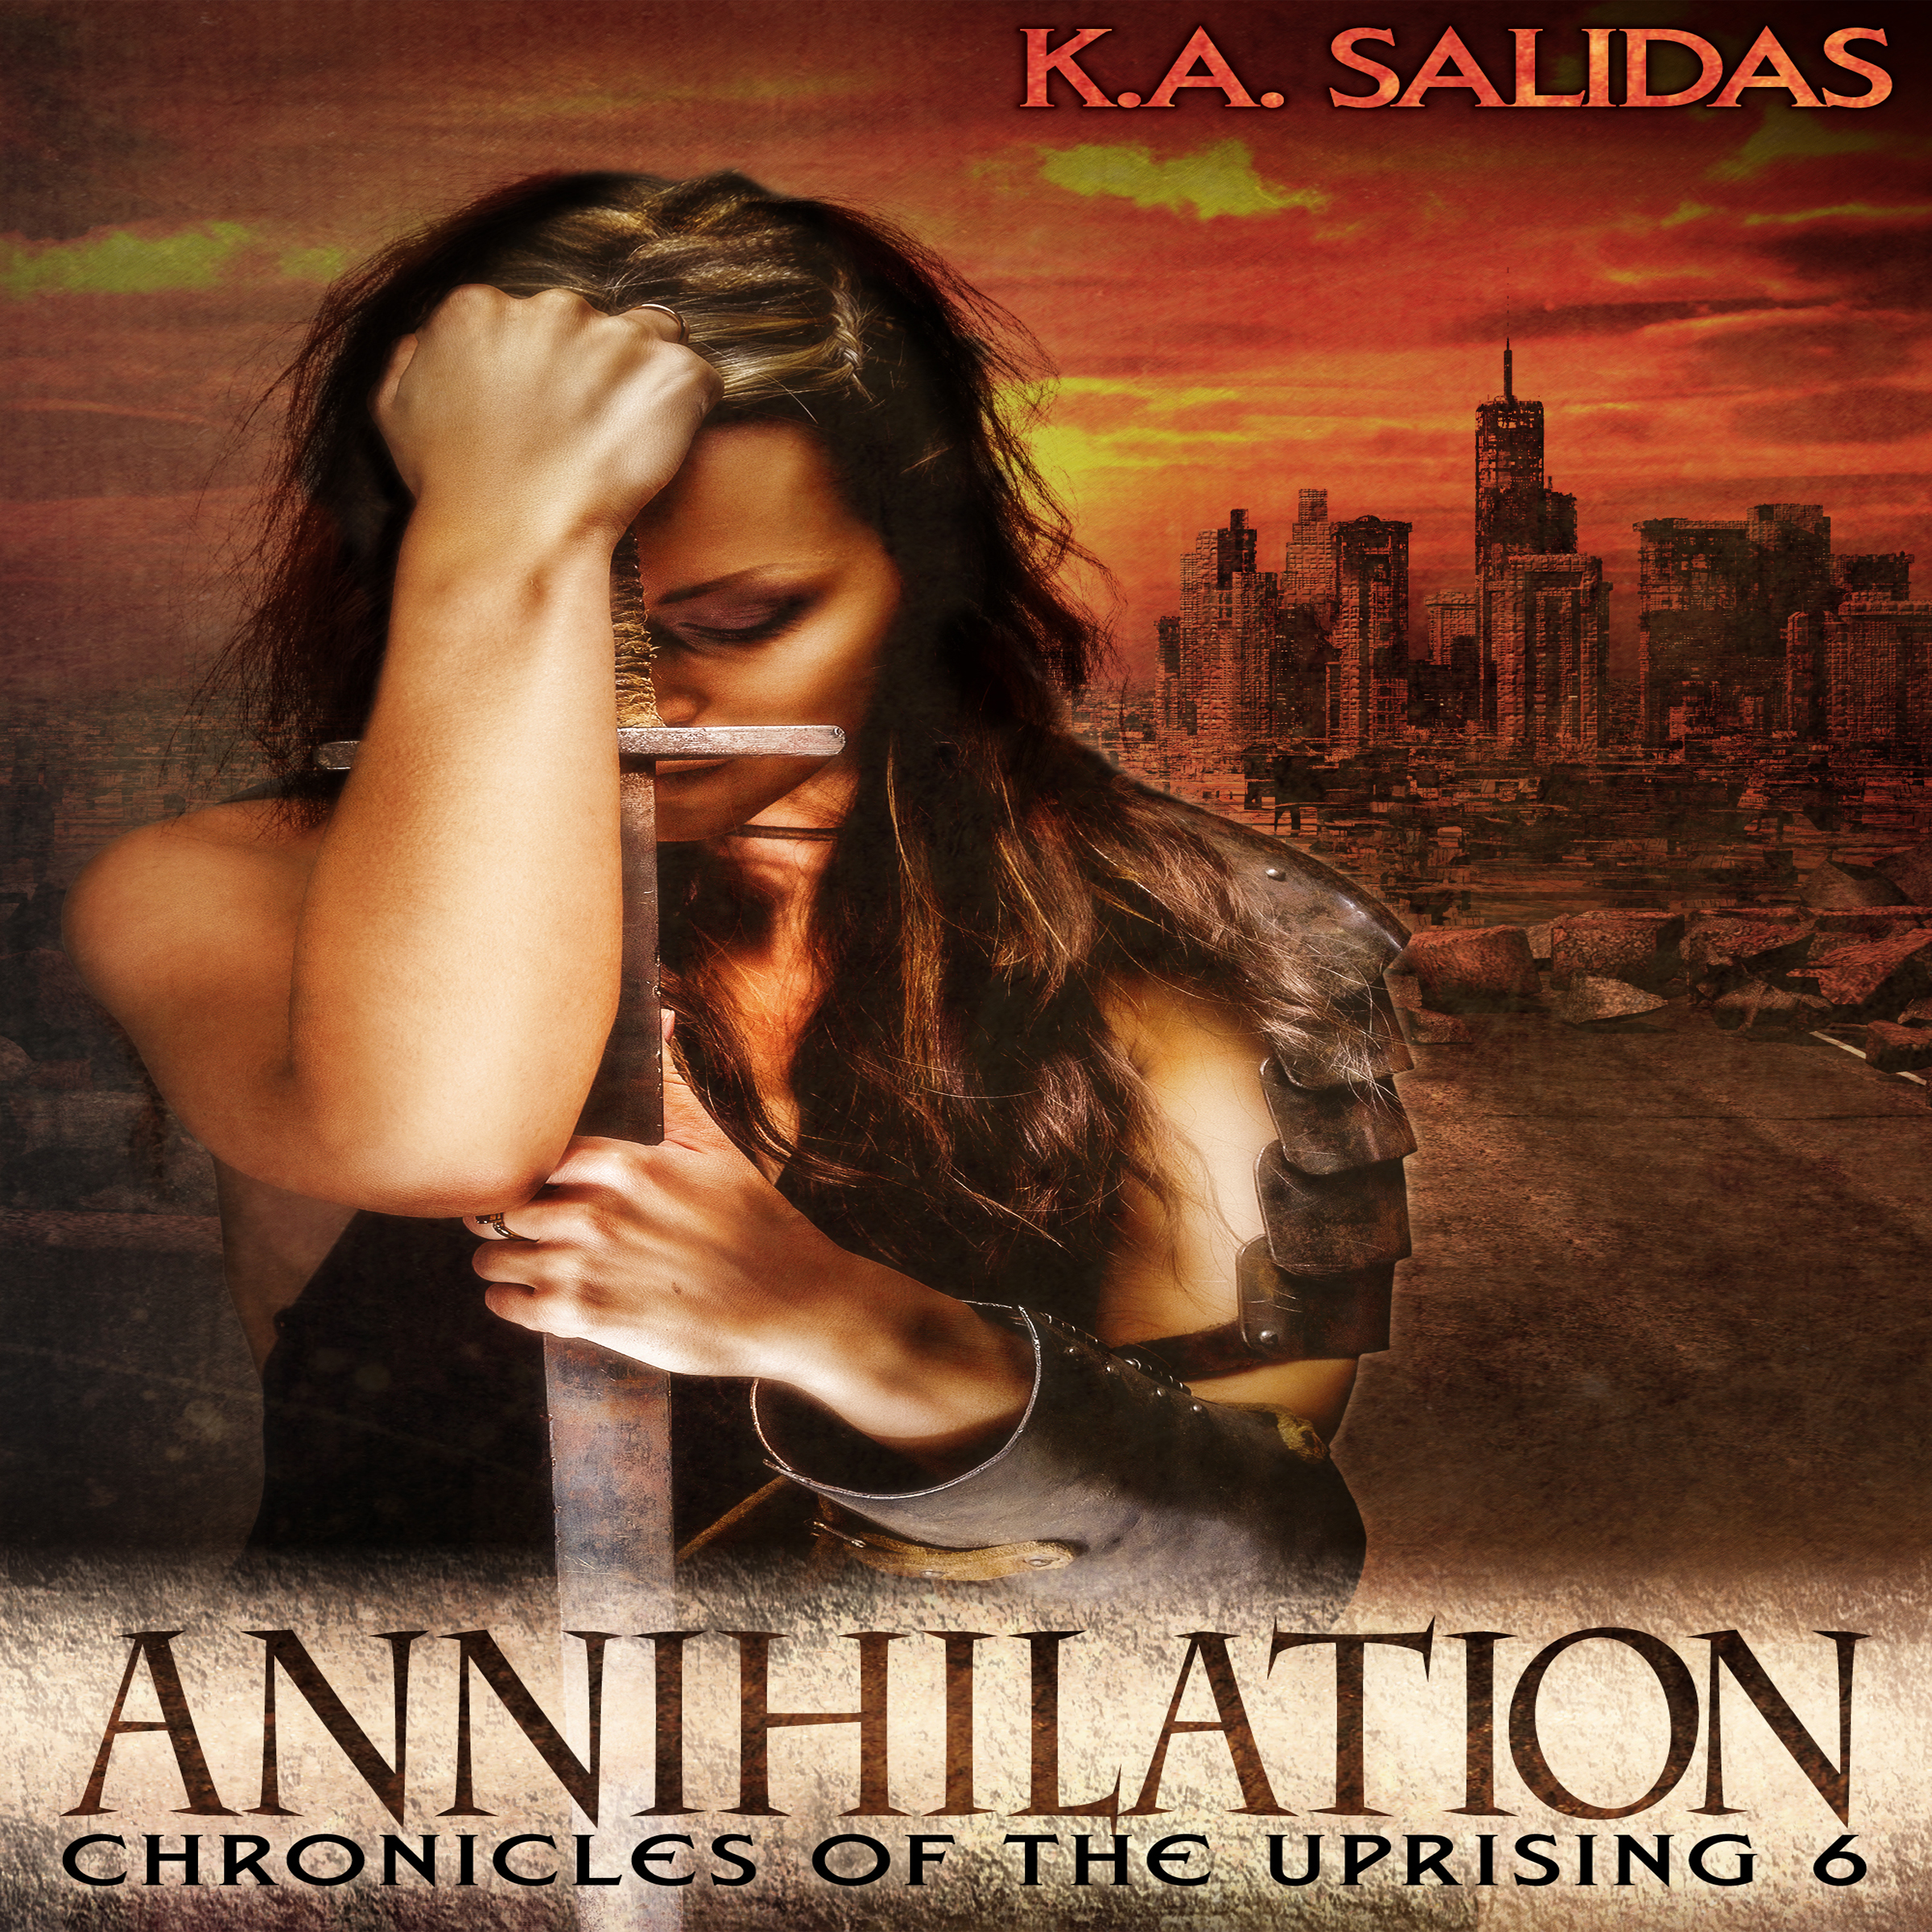 Annihilation by Katie Salidas